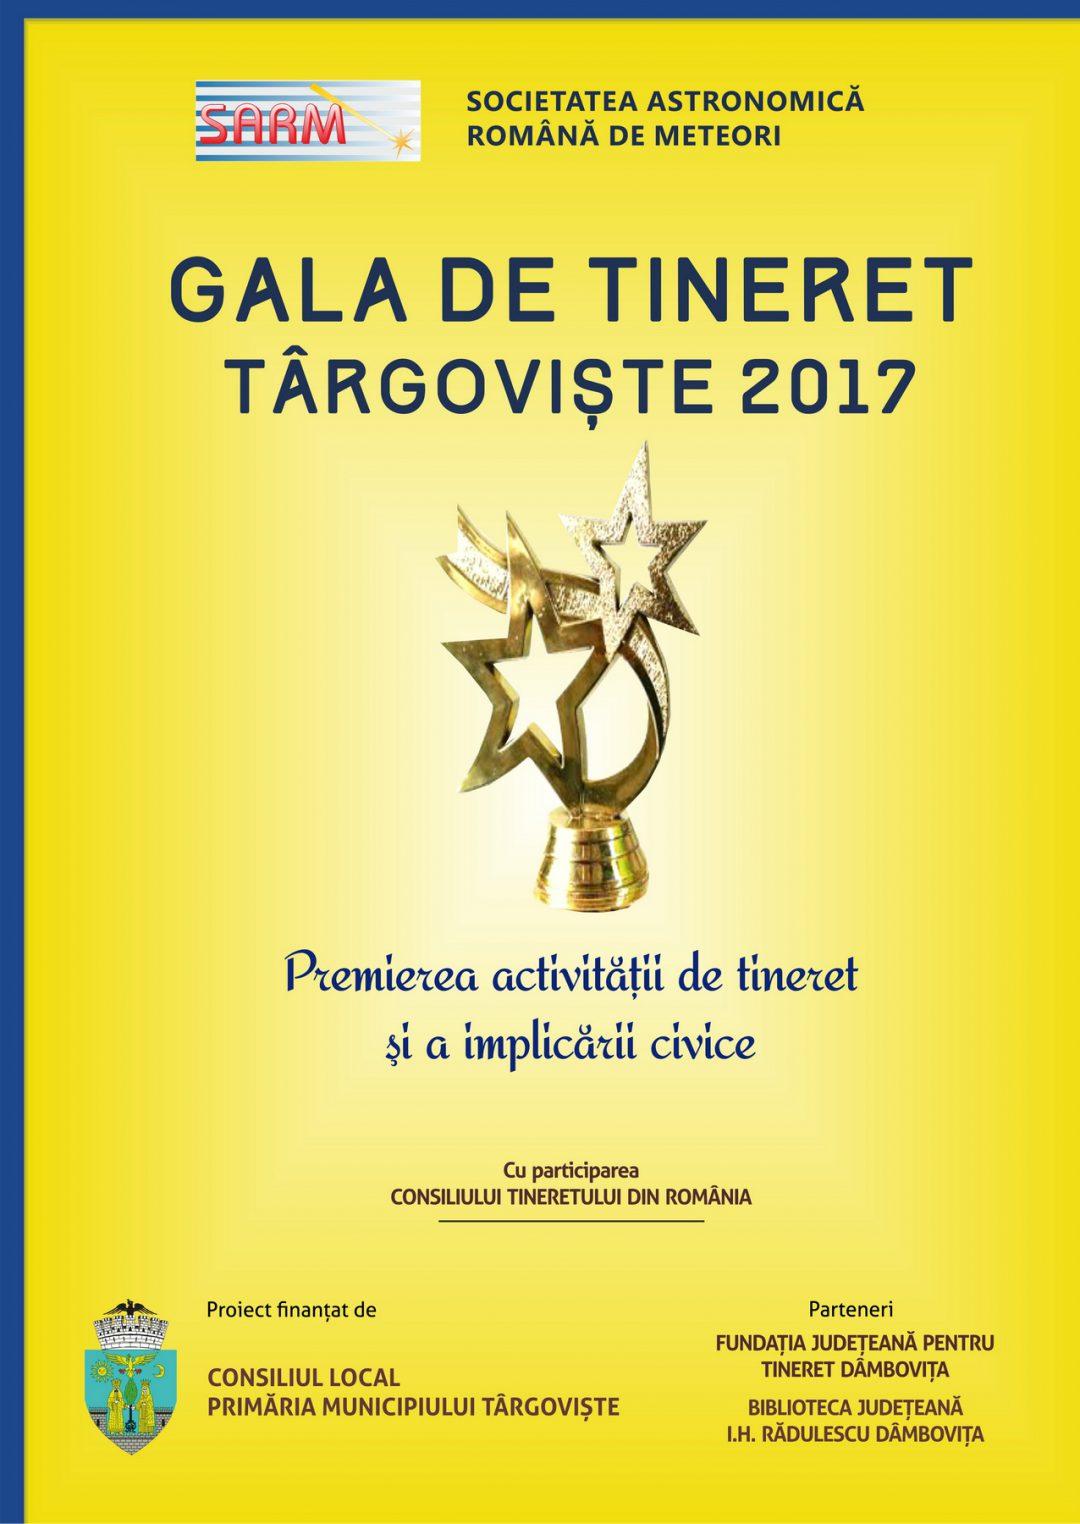 GALA DE TINERET TARGOVISTE 2017, EDIȚIA A 3-A